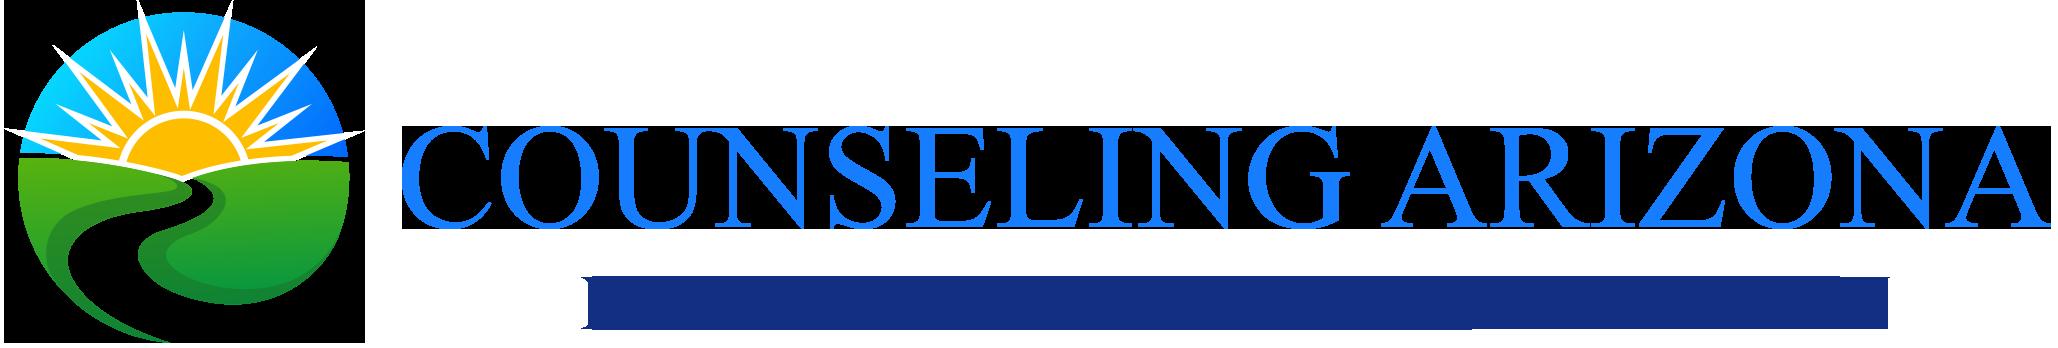 Counseling Arizona Logo